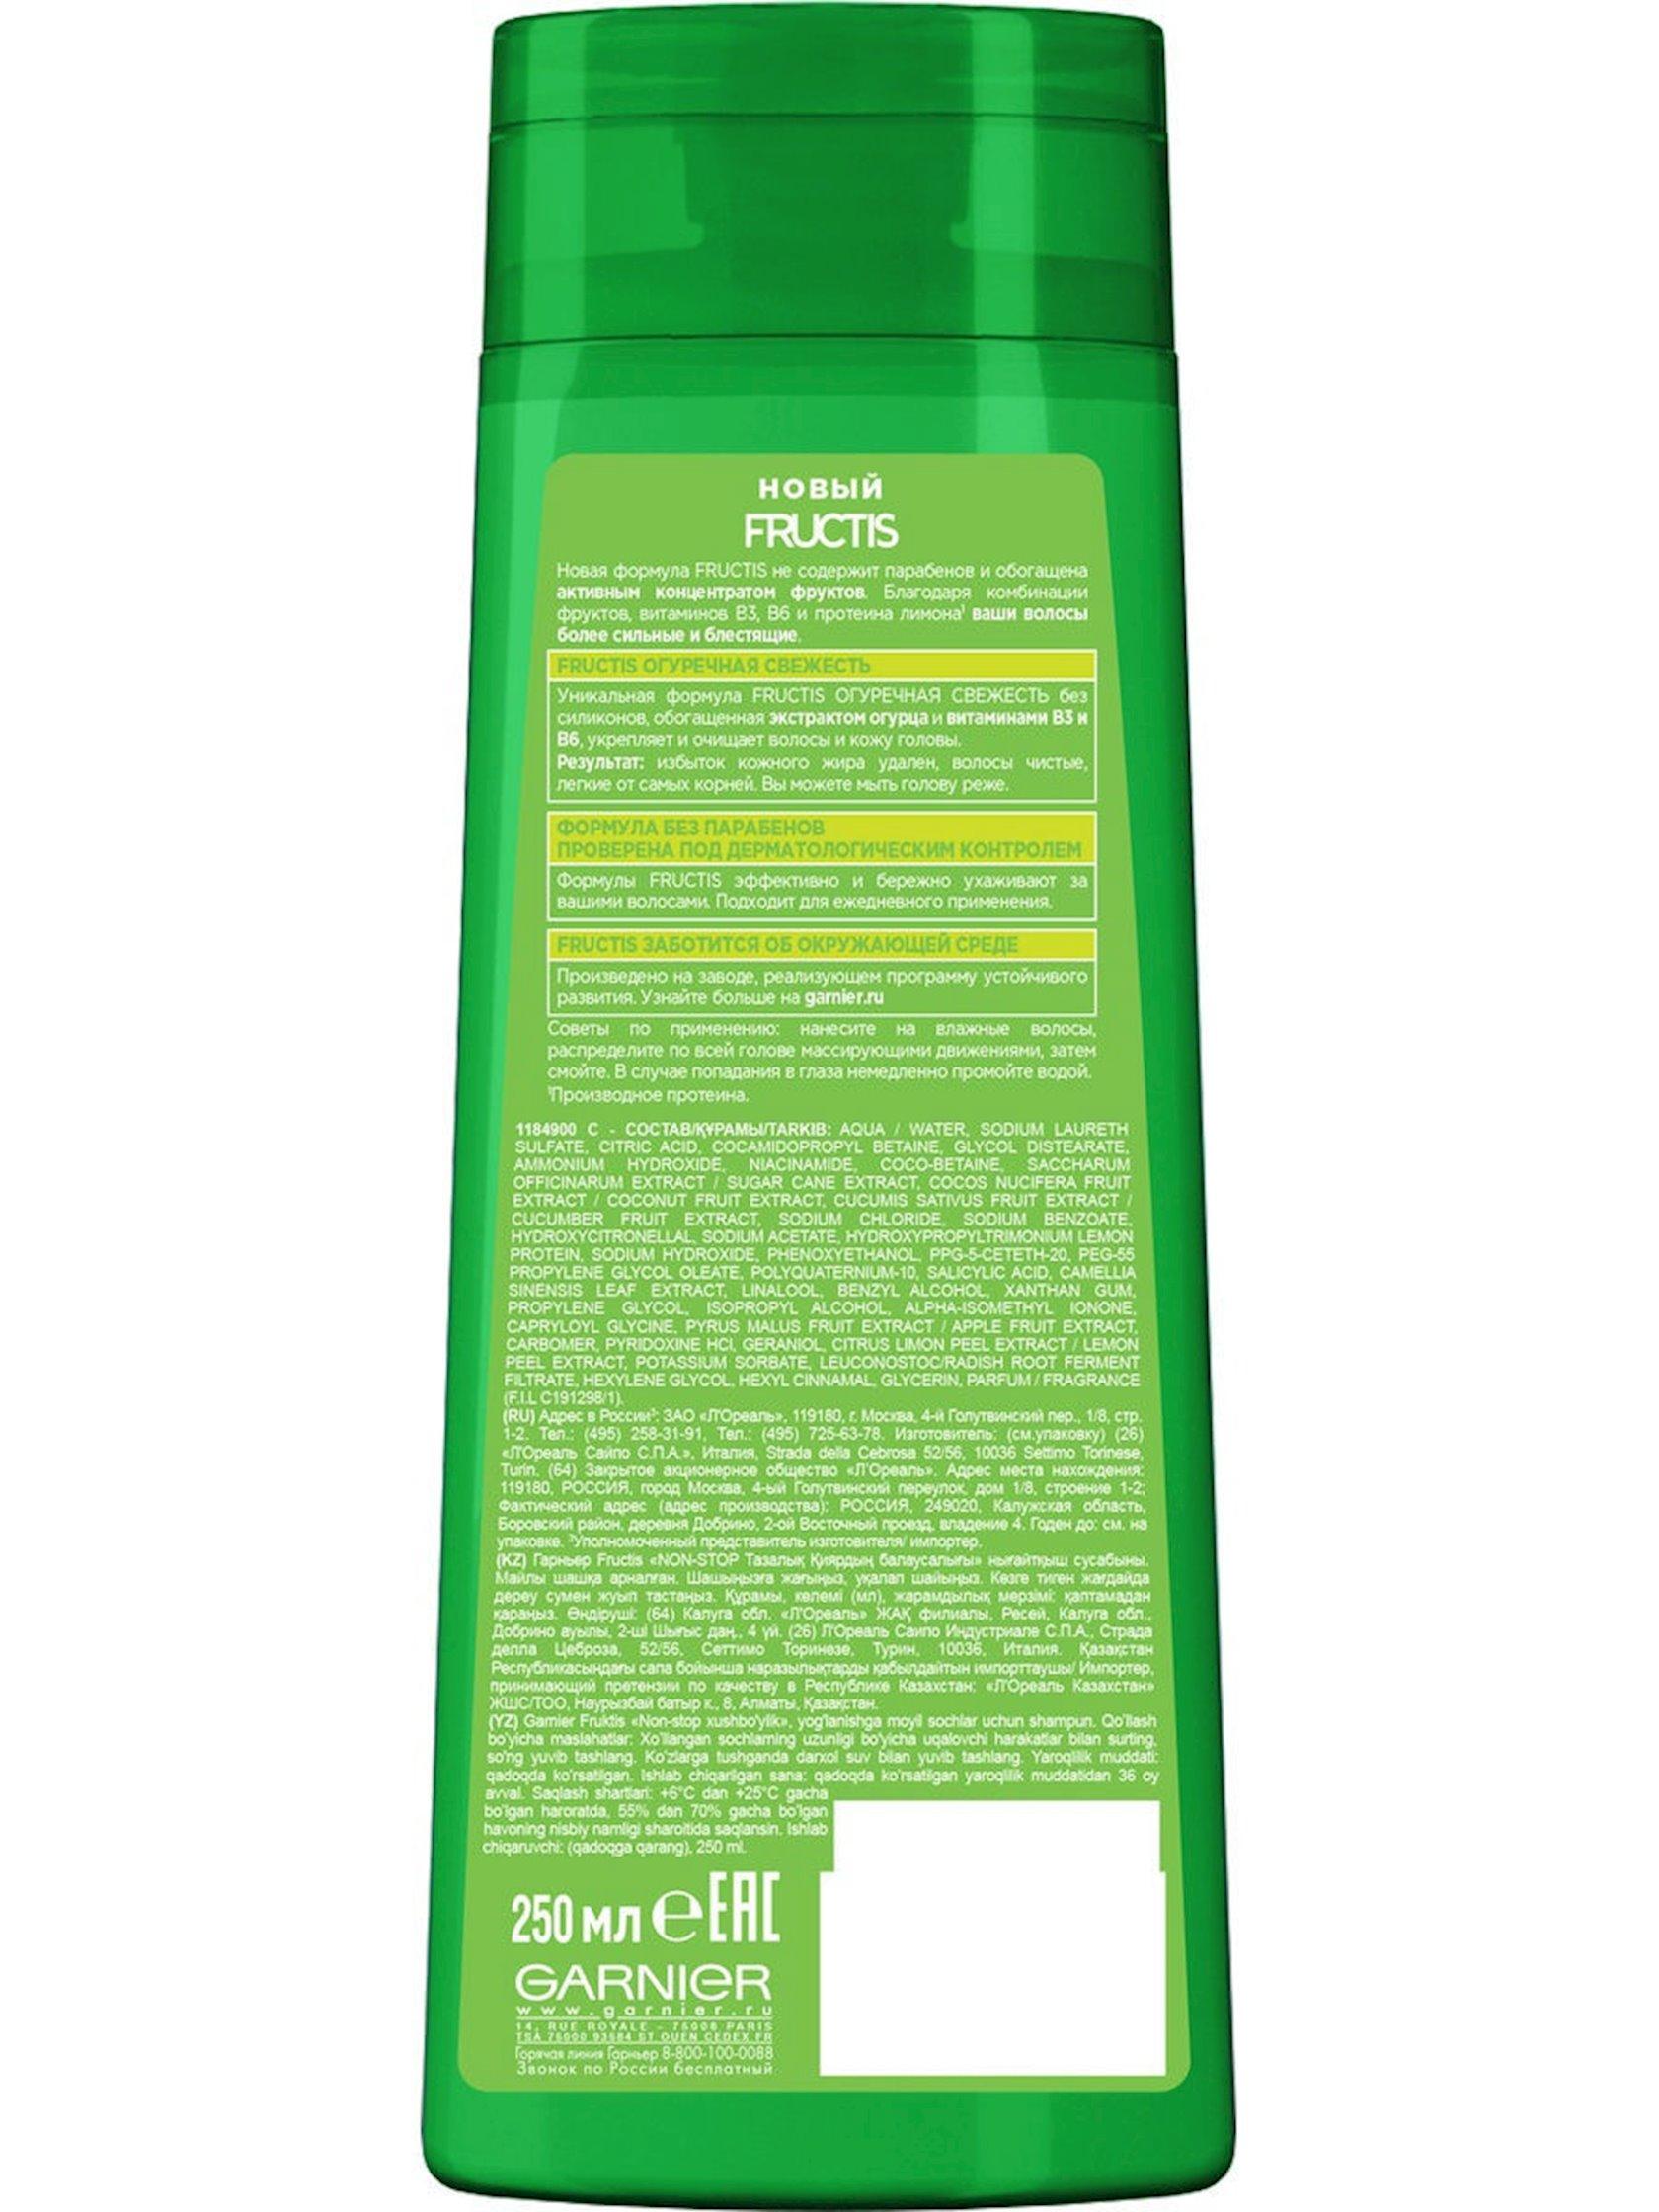 Şampun Garnier Fructis Xiyar Təravəti, gücləndirici, yağlanmağa meylli saçlar üçün, Xiyar Ekstraktı ilə, 250 ml